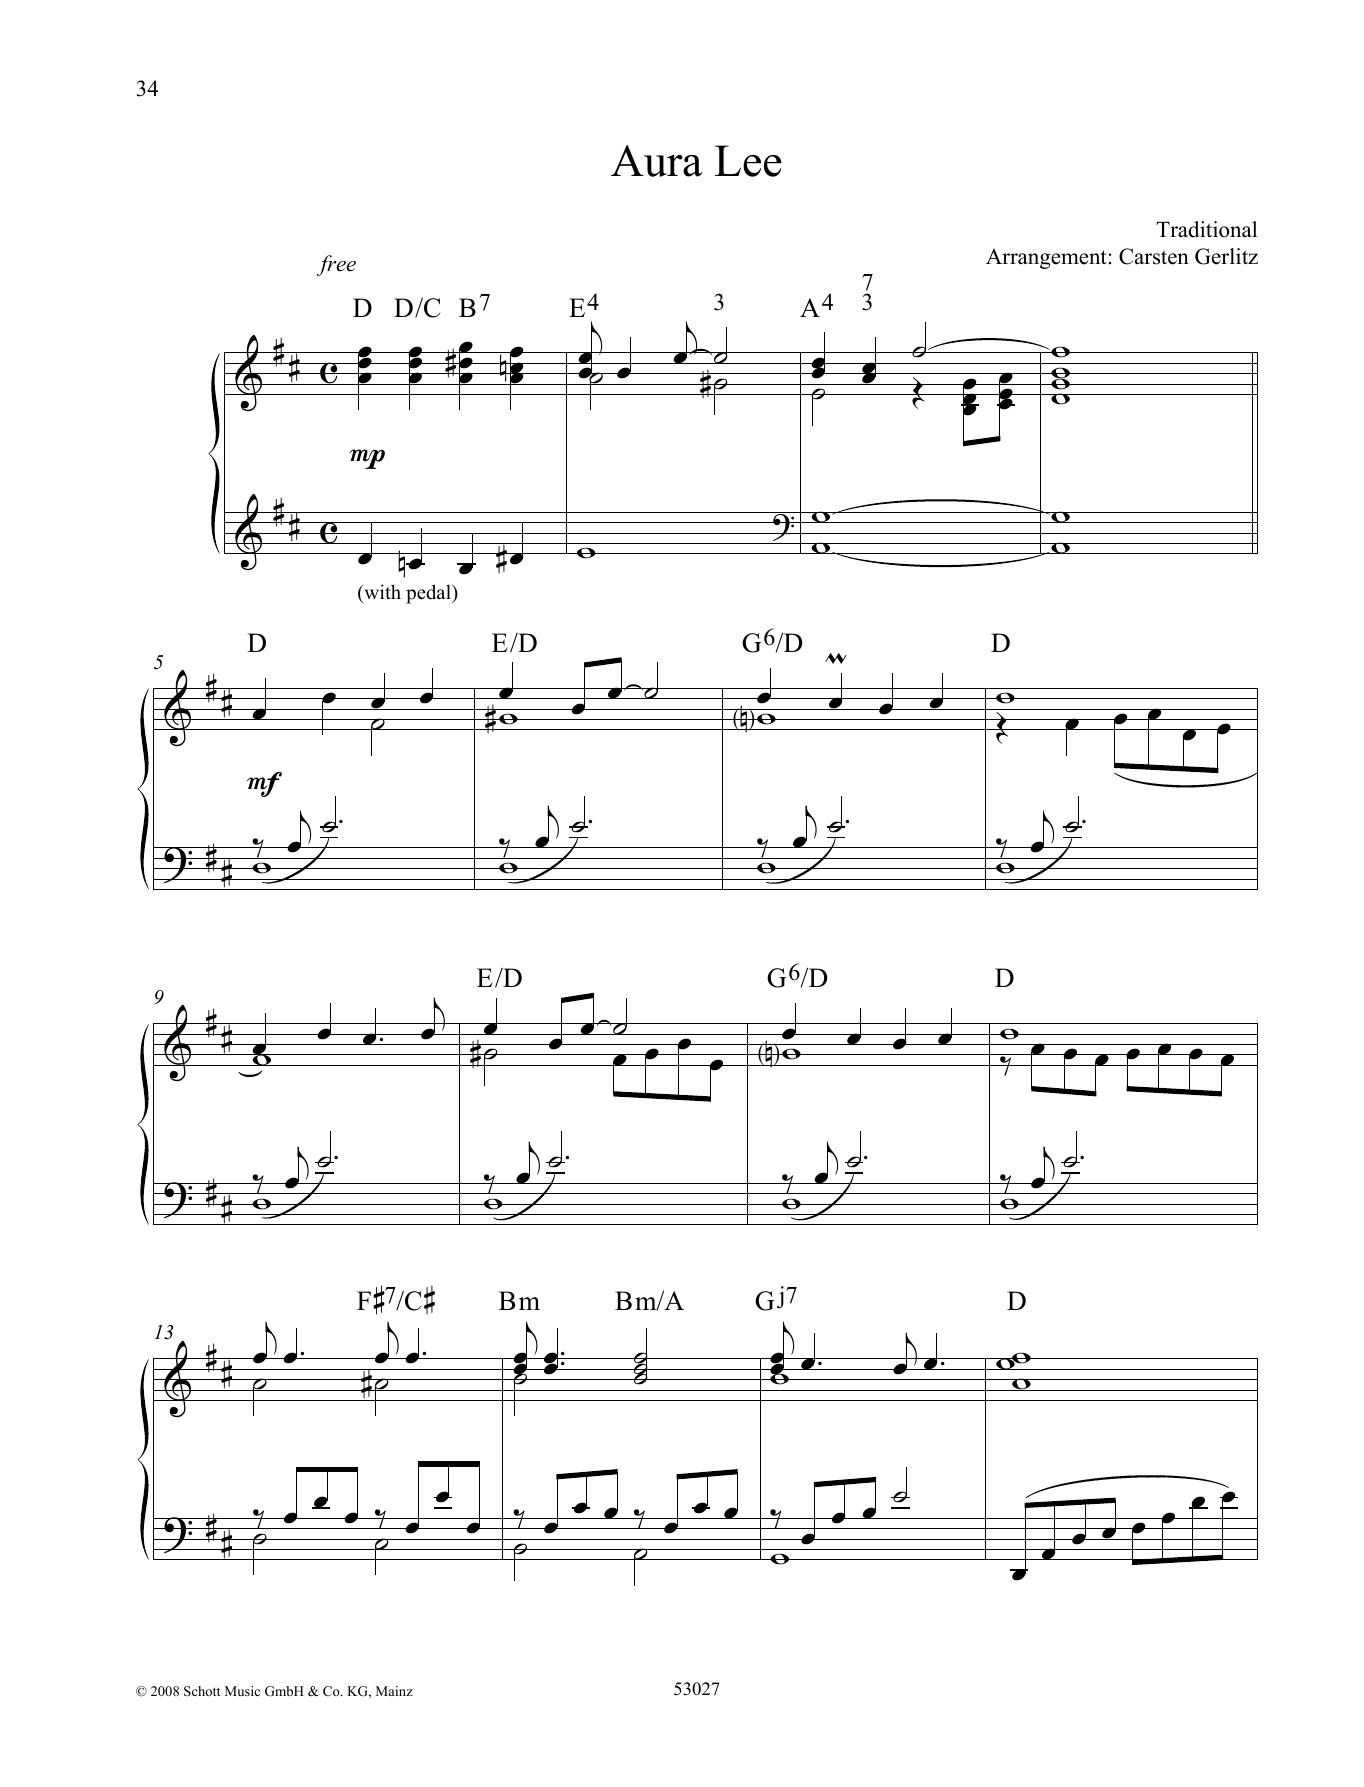 Aura Lee Sheet Music